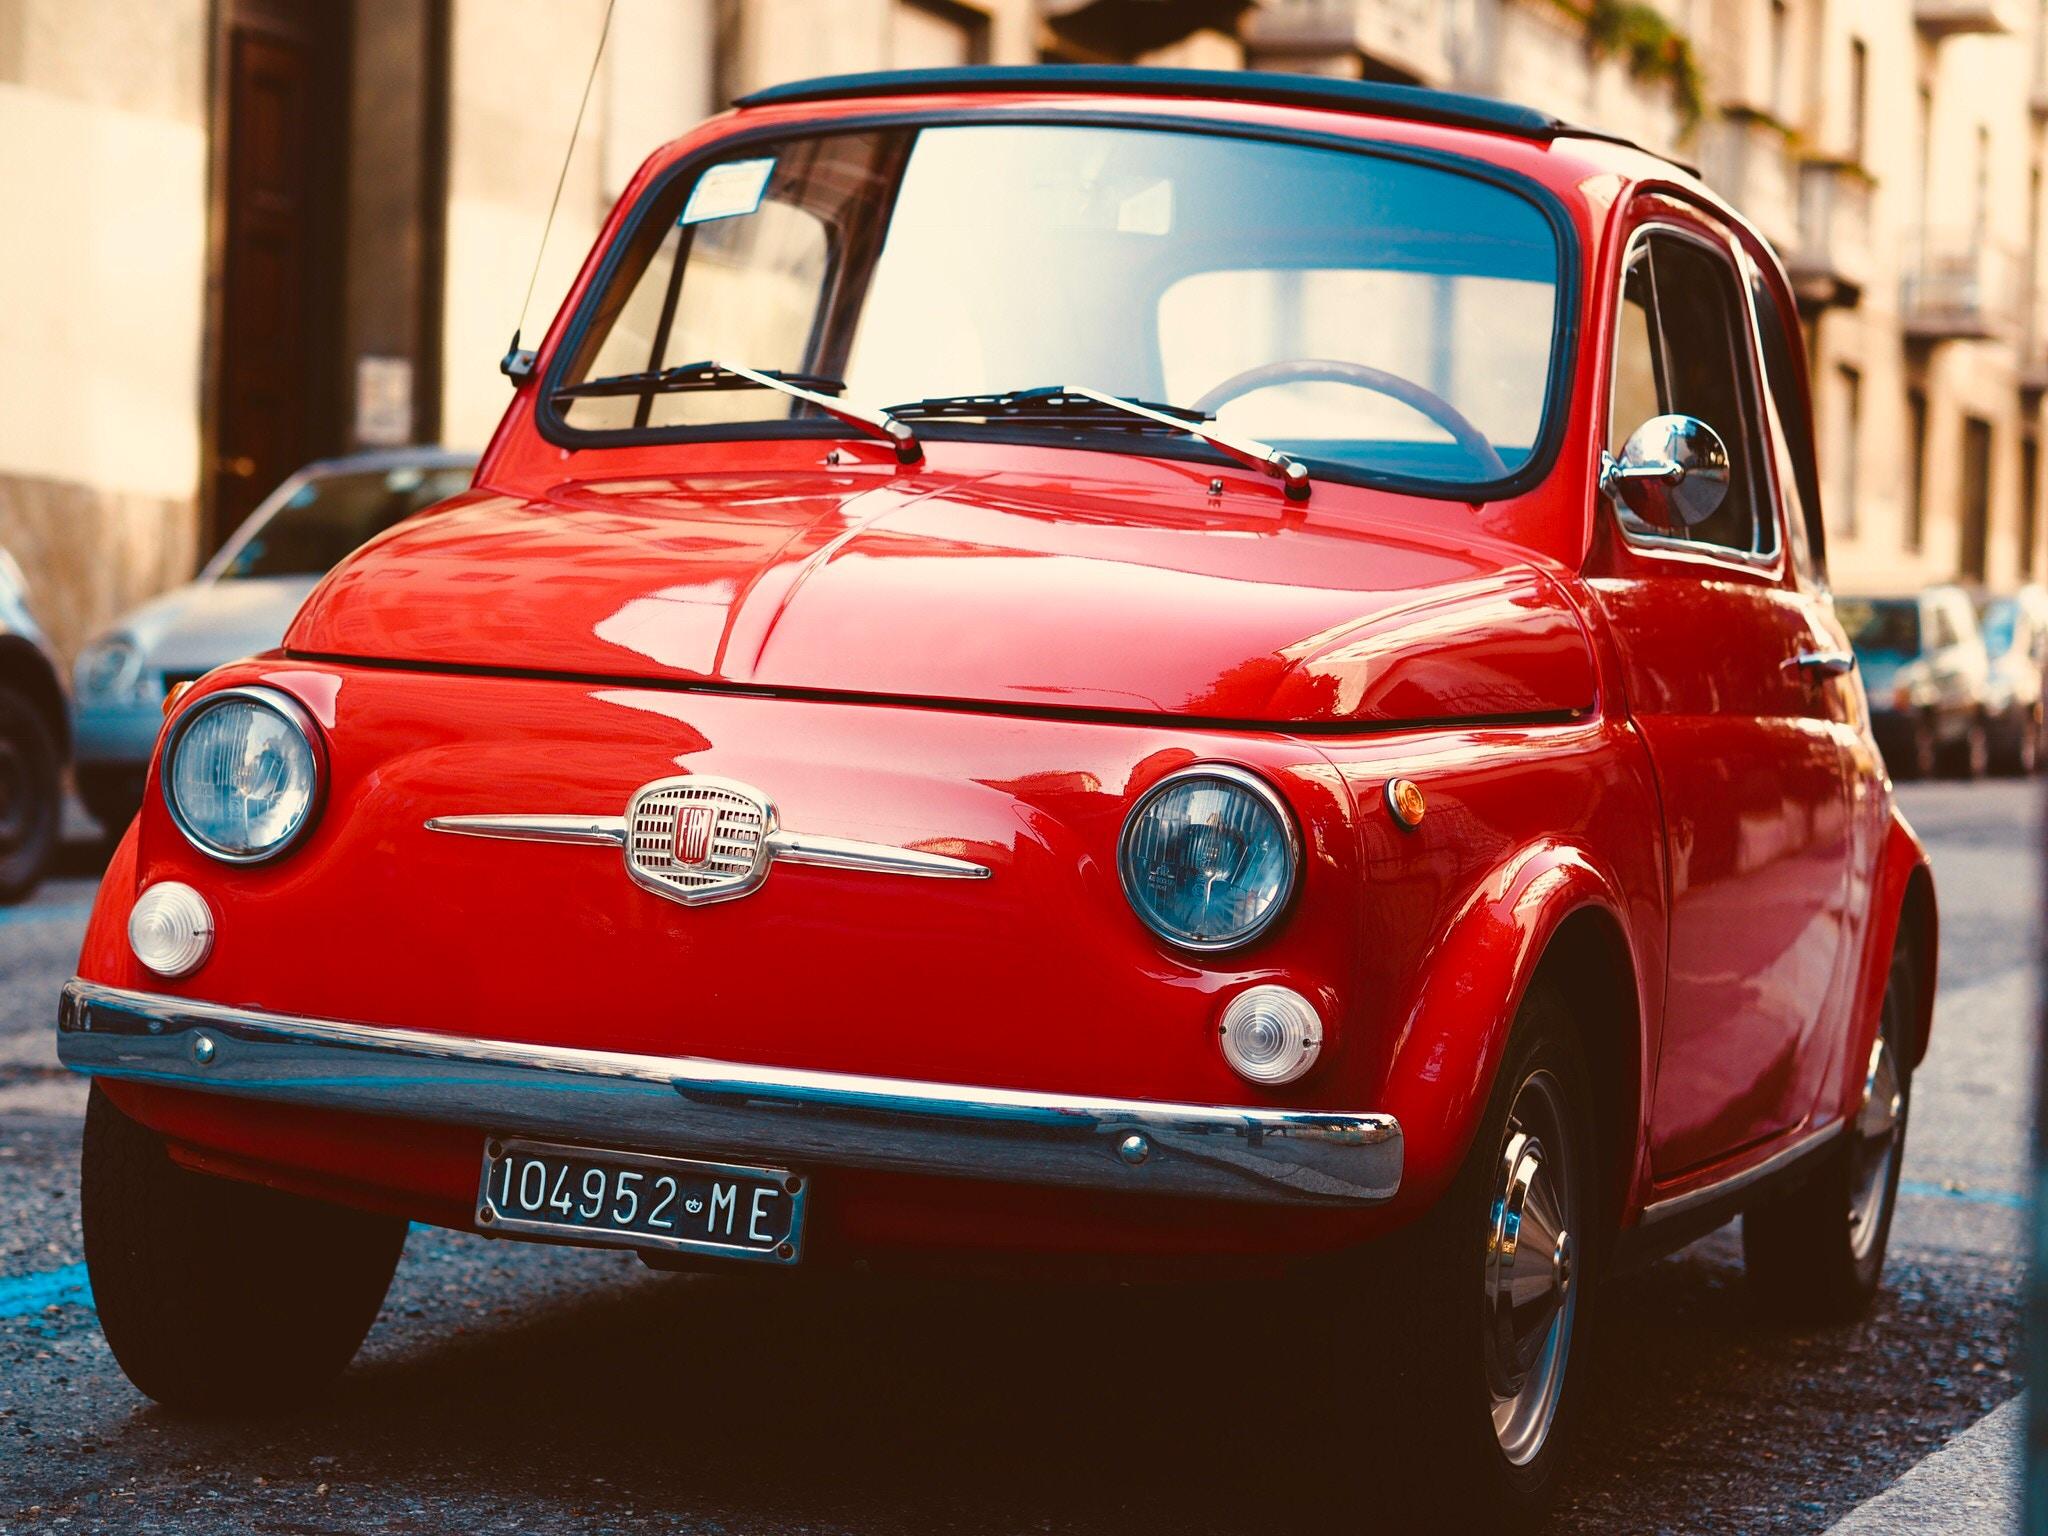 fiat-500-red-vintage-car